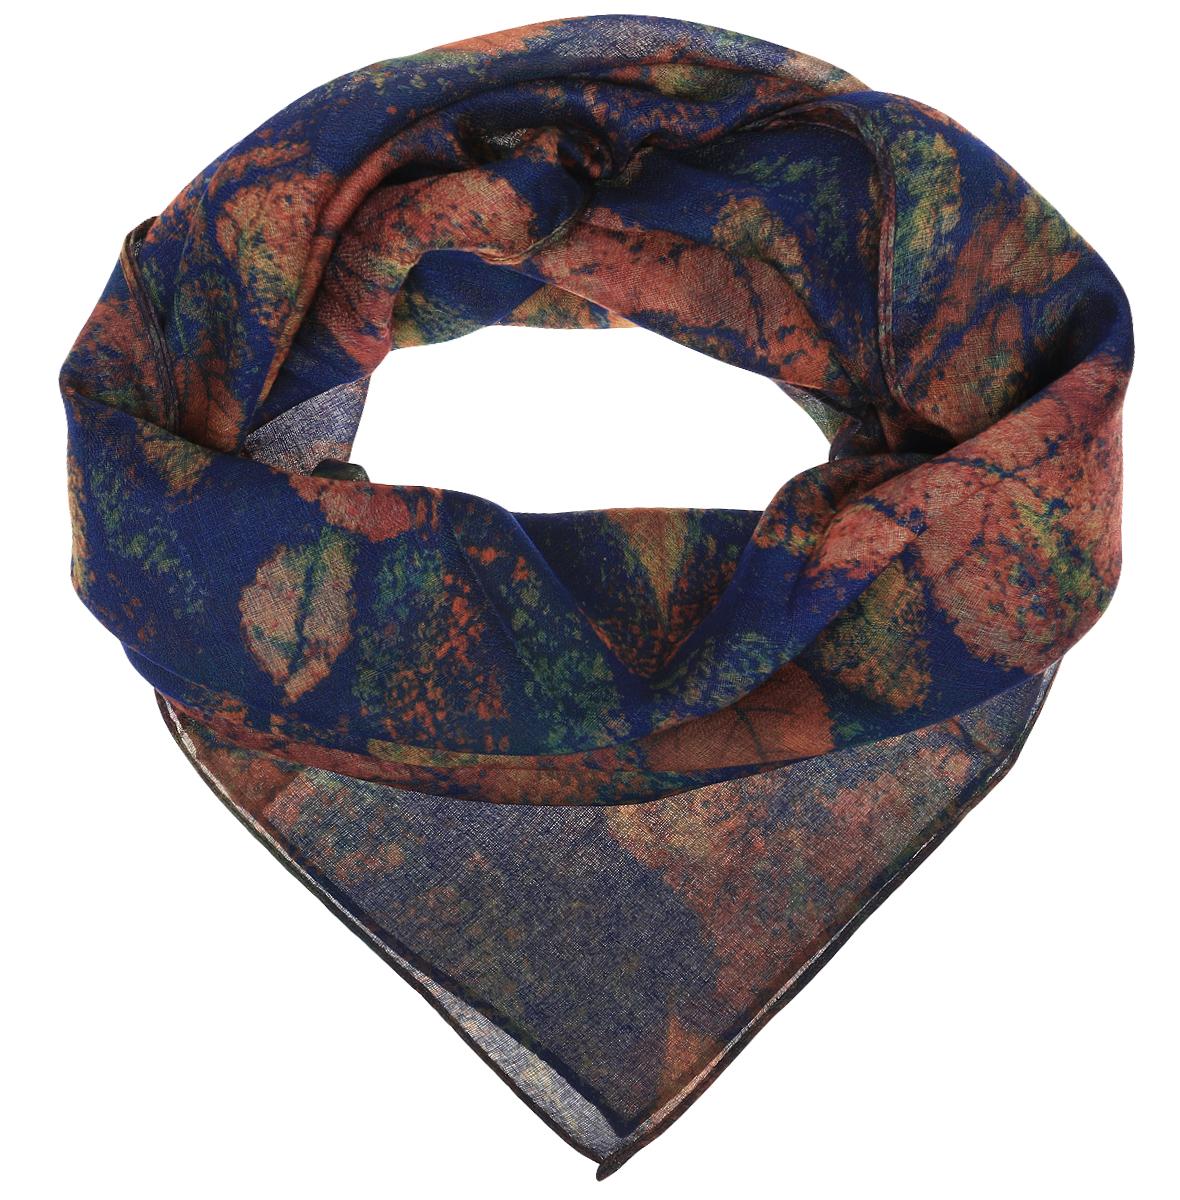 Платок женский Sophie Ramage, цвет: синий, коричневый, зеленый. YY-21681-1. Размер 90 см х 90 смYY-21681-1Элегантный платок Sophie Ramage станет достойным завершением вашего образа. Платок изготовлен из высококачественной вискозы. Оформлена модель стильным принтом. Платок красиво драпируется, он превосходно дополнит любой наряд и подчеркнет ваш изысканный вкус. Легкий и изящный палантин привнесет в ваш образ утонченность и шарм.